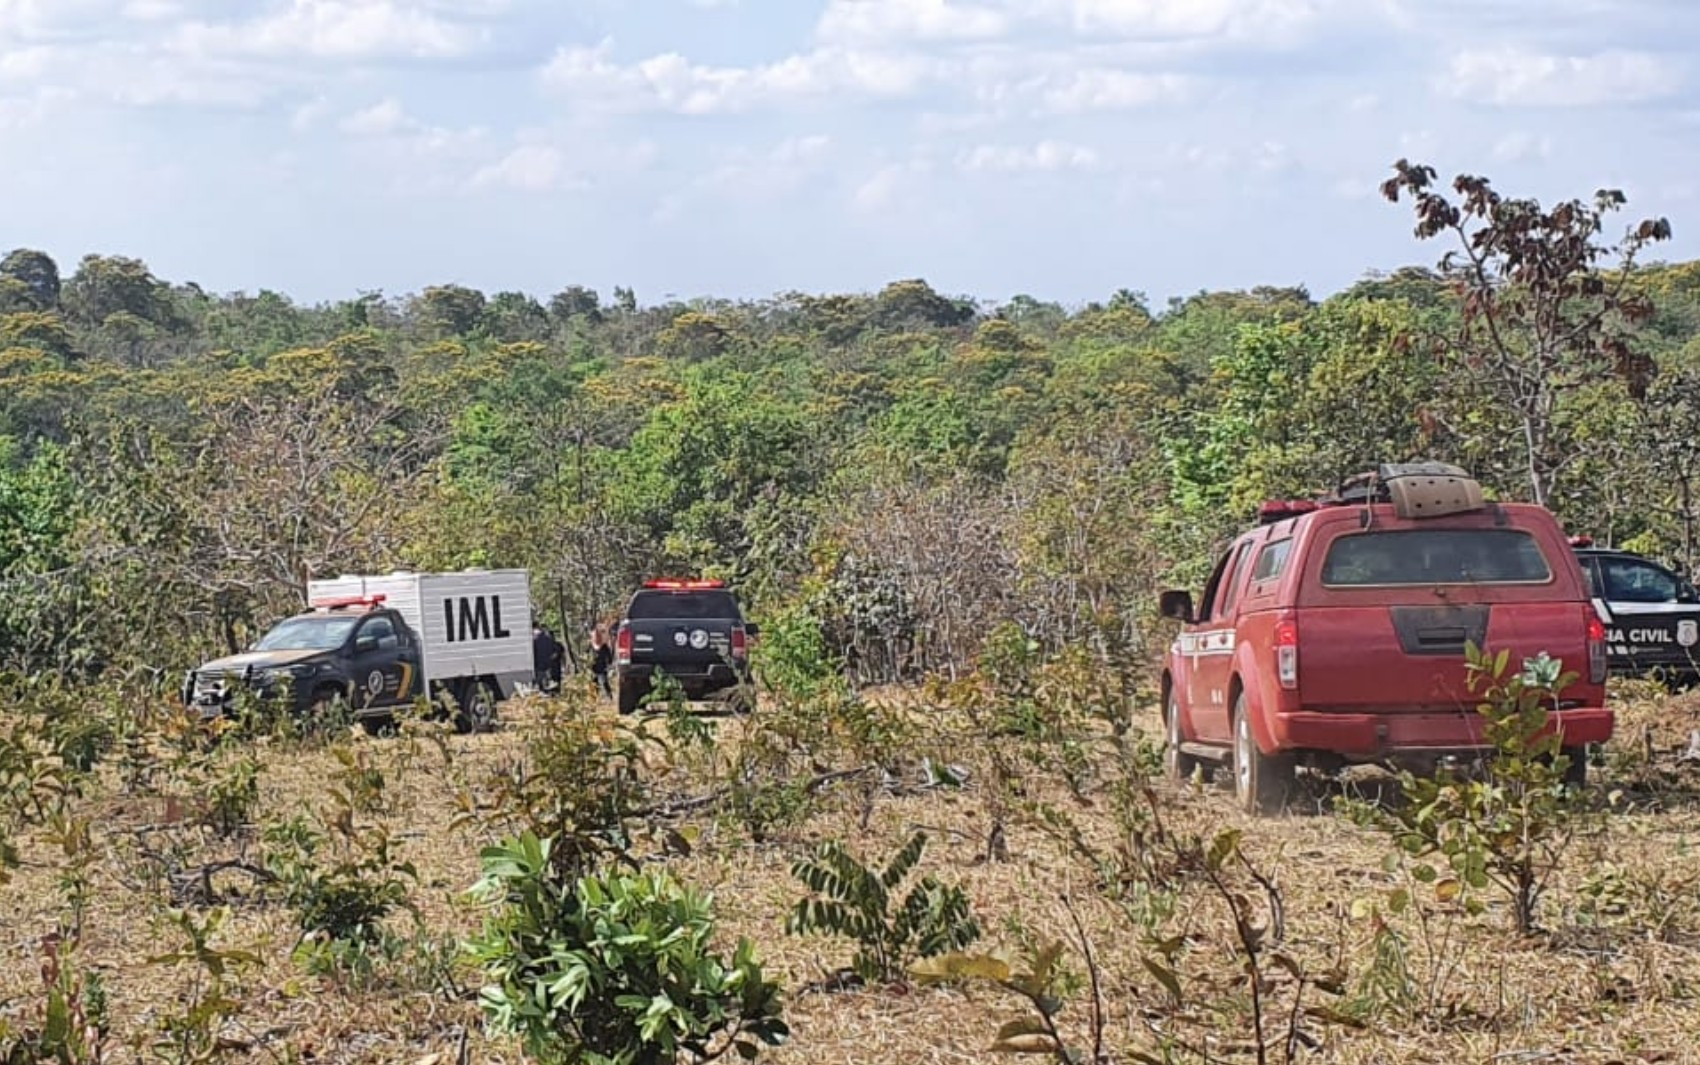 Homem é preso suspeito de matar pai a pauladas e jogar corpo em mata de Santo Antônio do Descoberto